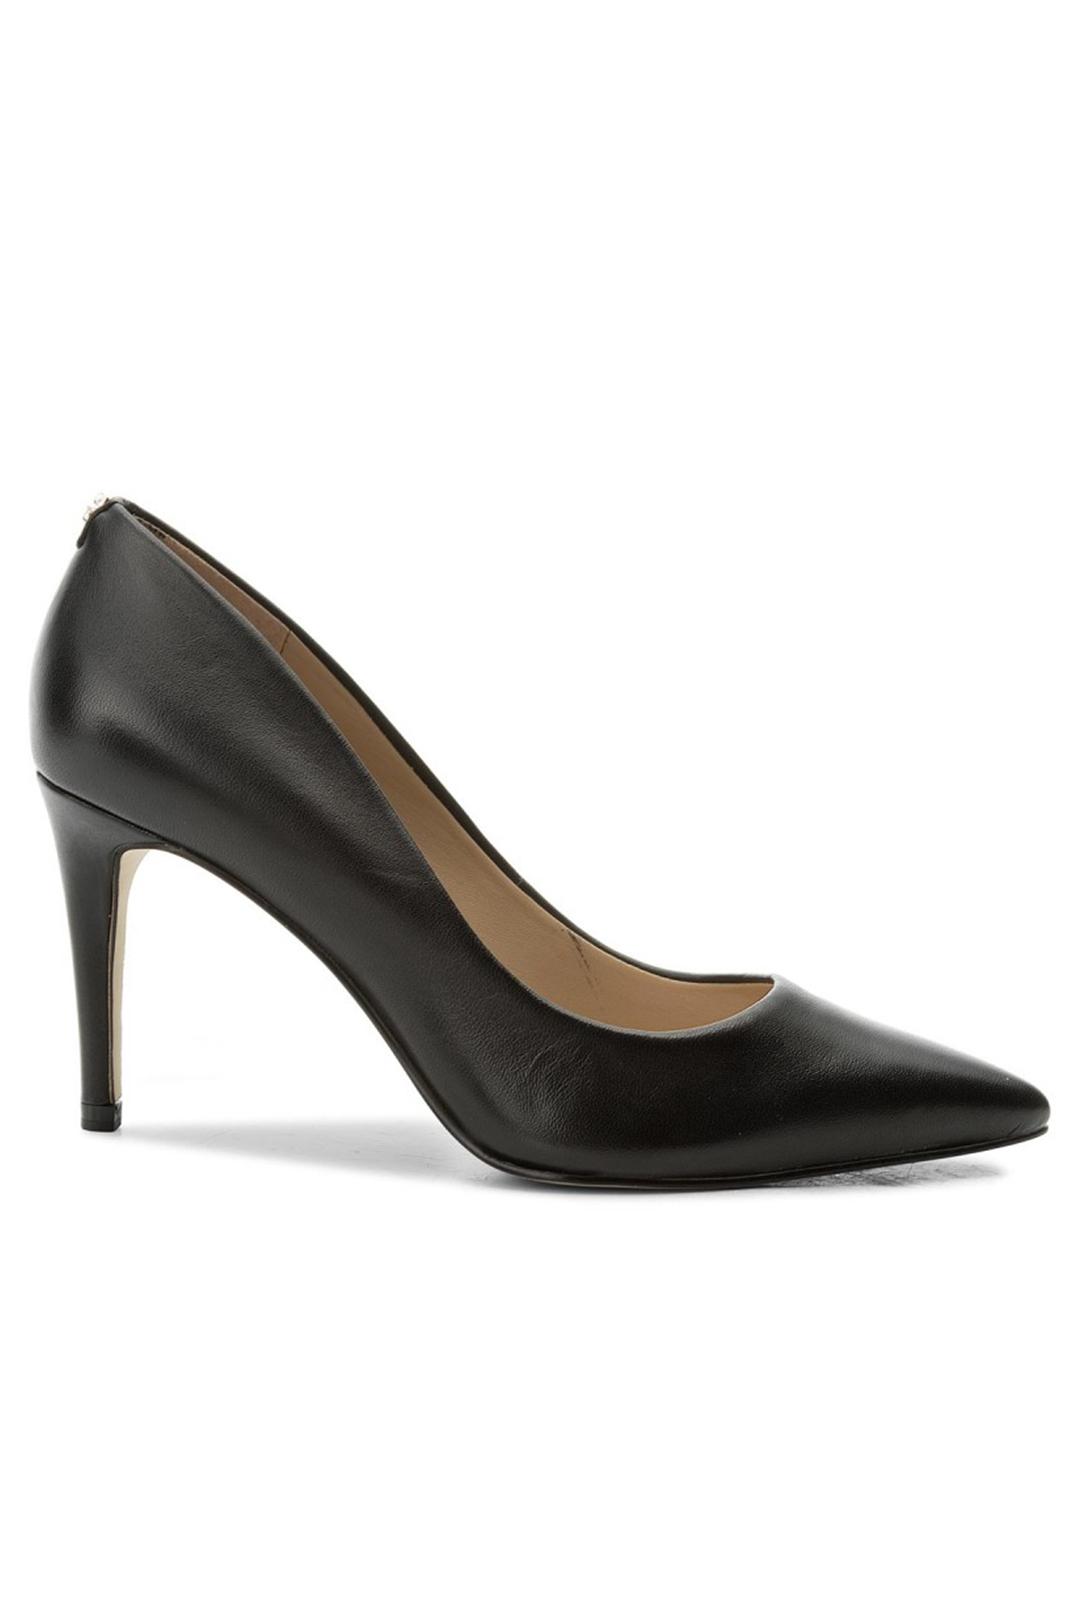 Chaussures  Guess jeans FLBNN1 LEA08 BLACK